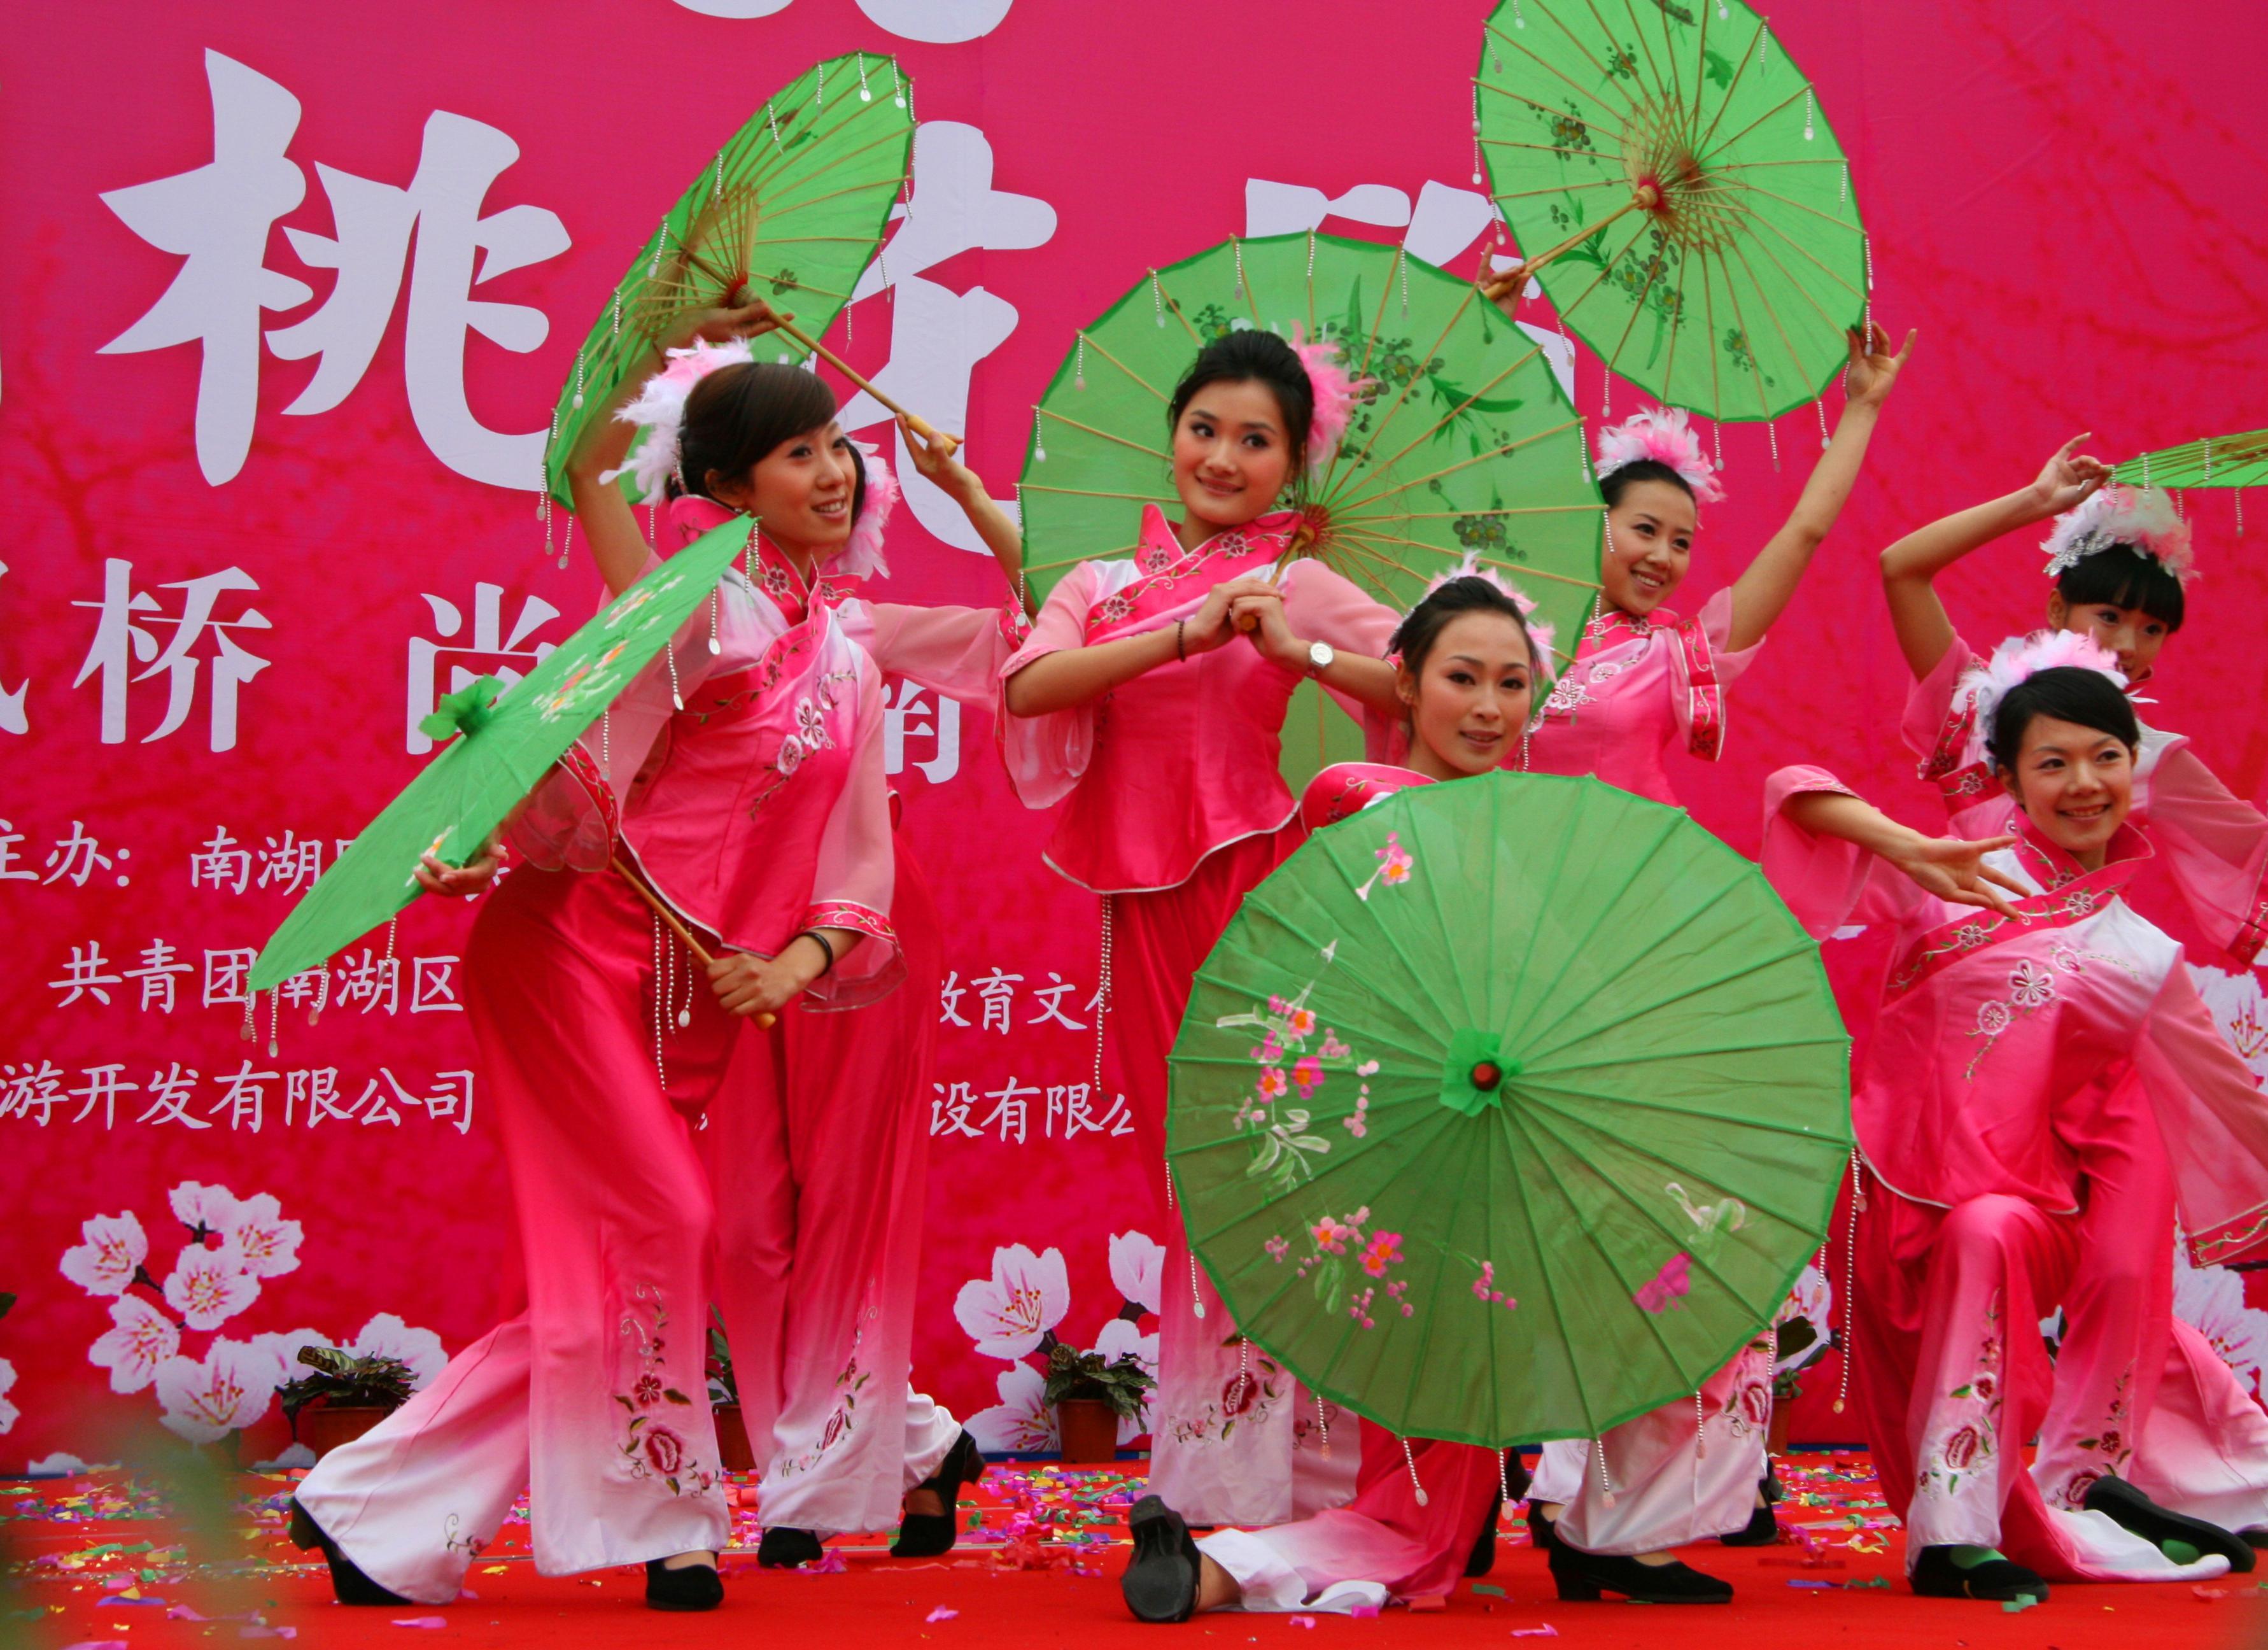 南湖桃花节